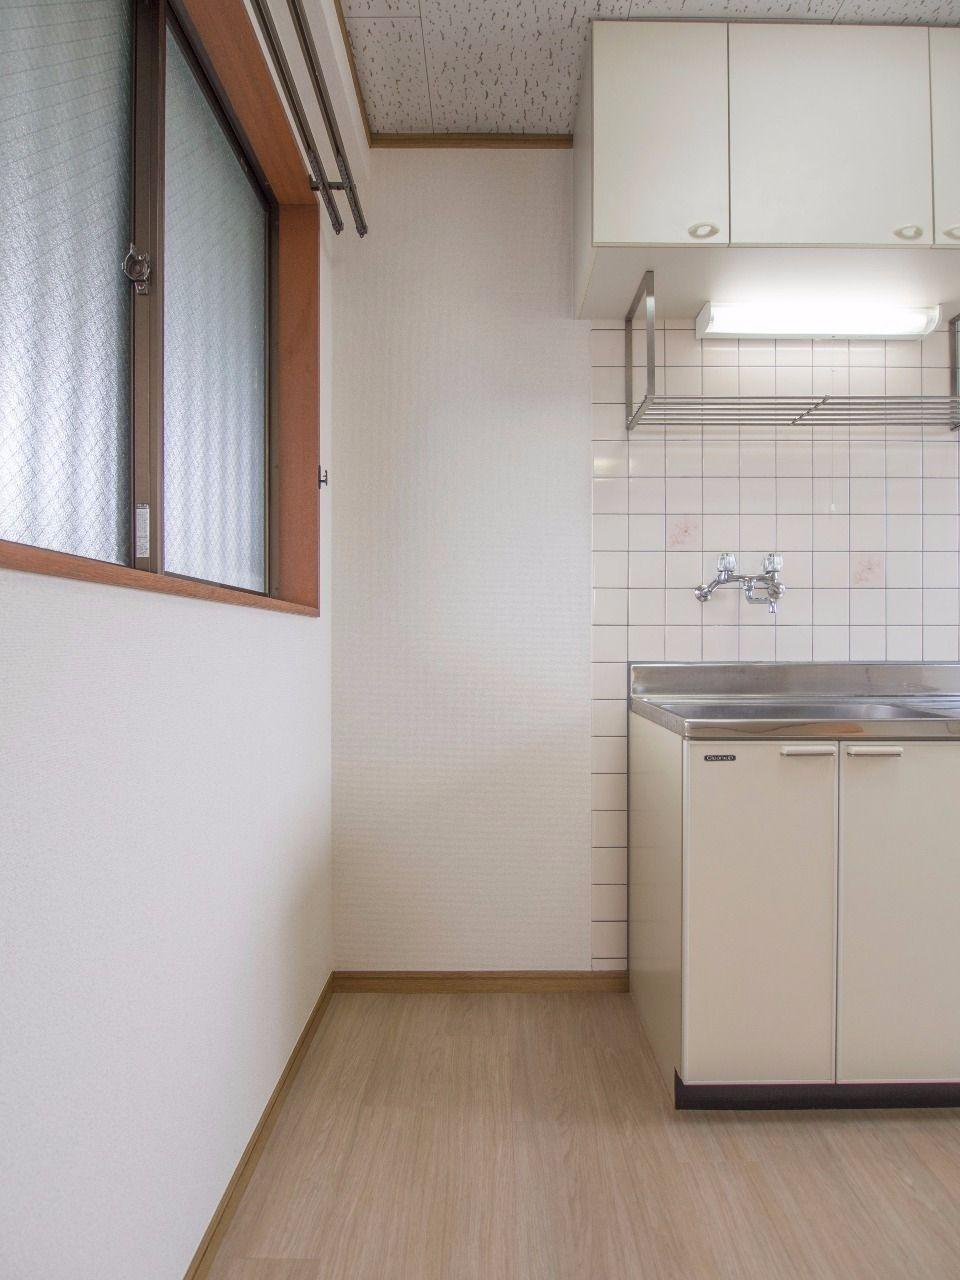 キッチン横の冷蔵庫置場